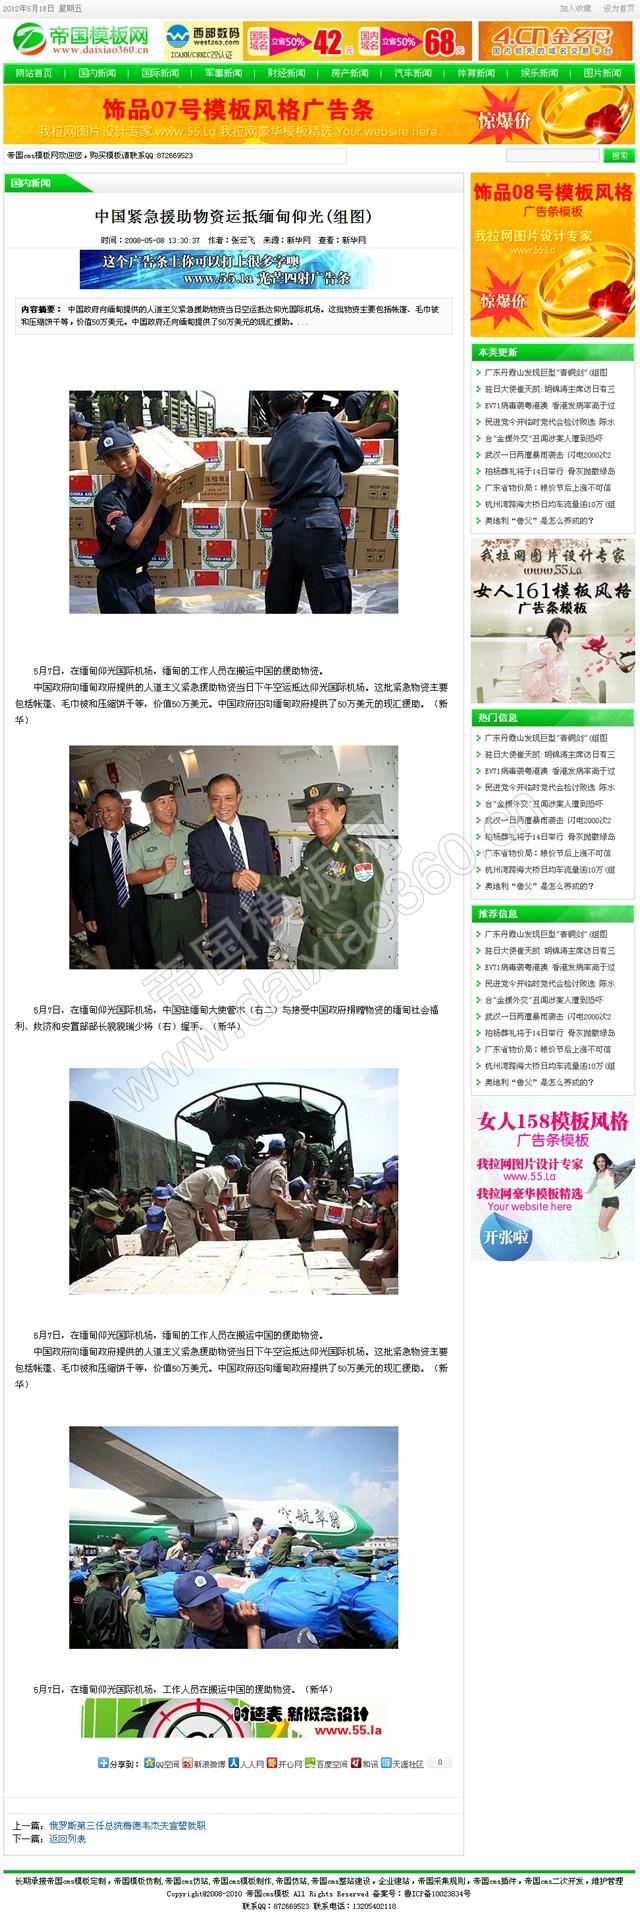 帝国cms绿色大气资讯新闻文章模板_内容页